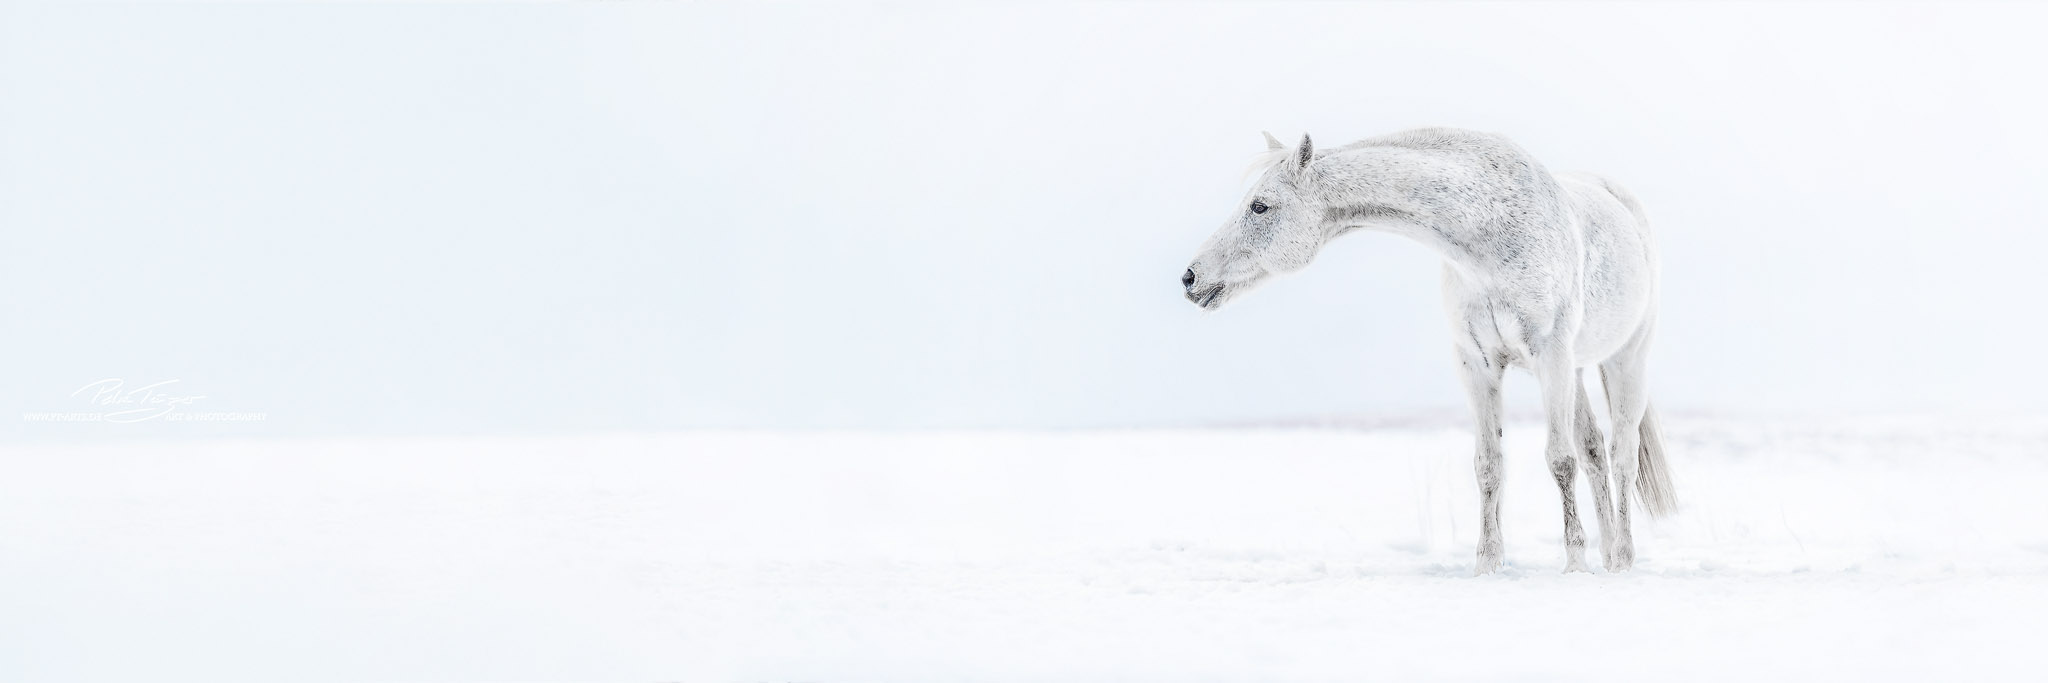 Das Schneepferdchen